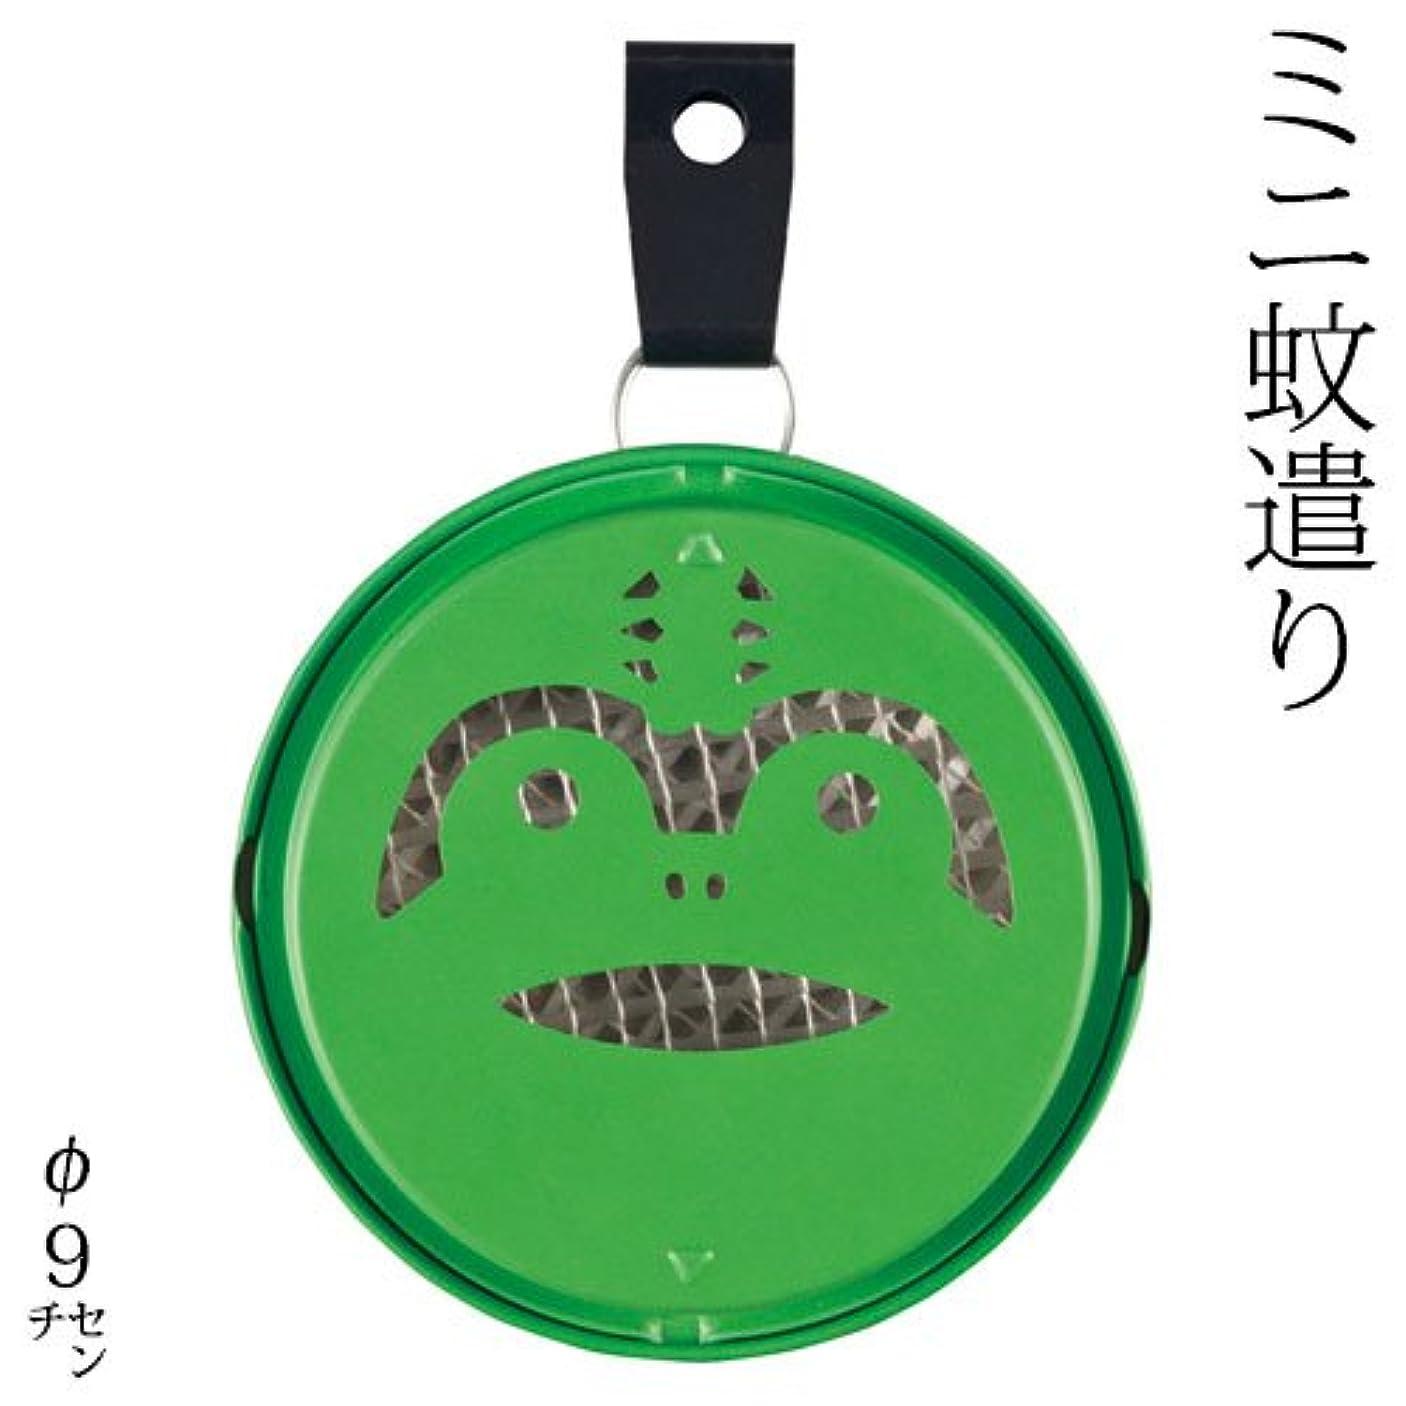 キャメル中間優雅なDECOLEポータブルミニ蚊遣りカエル (SK-13932)吊り下げ?床置き対応Portable mini Kayari